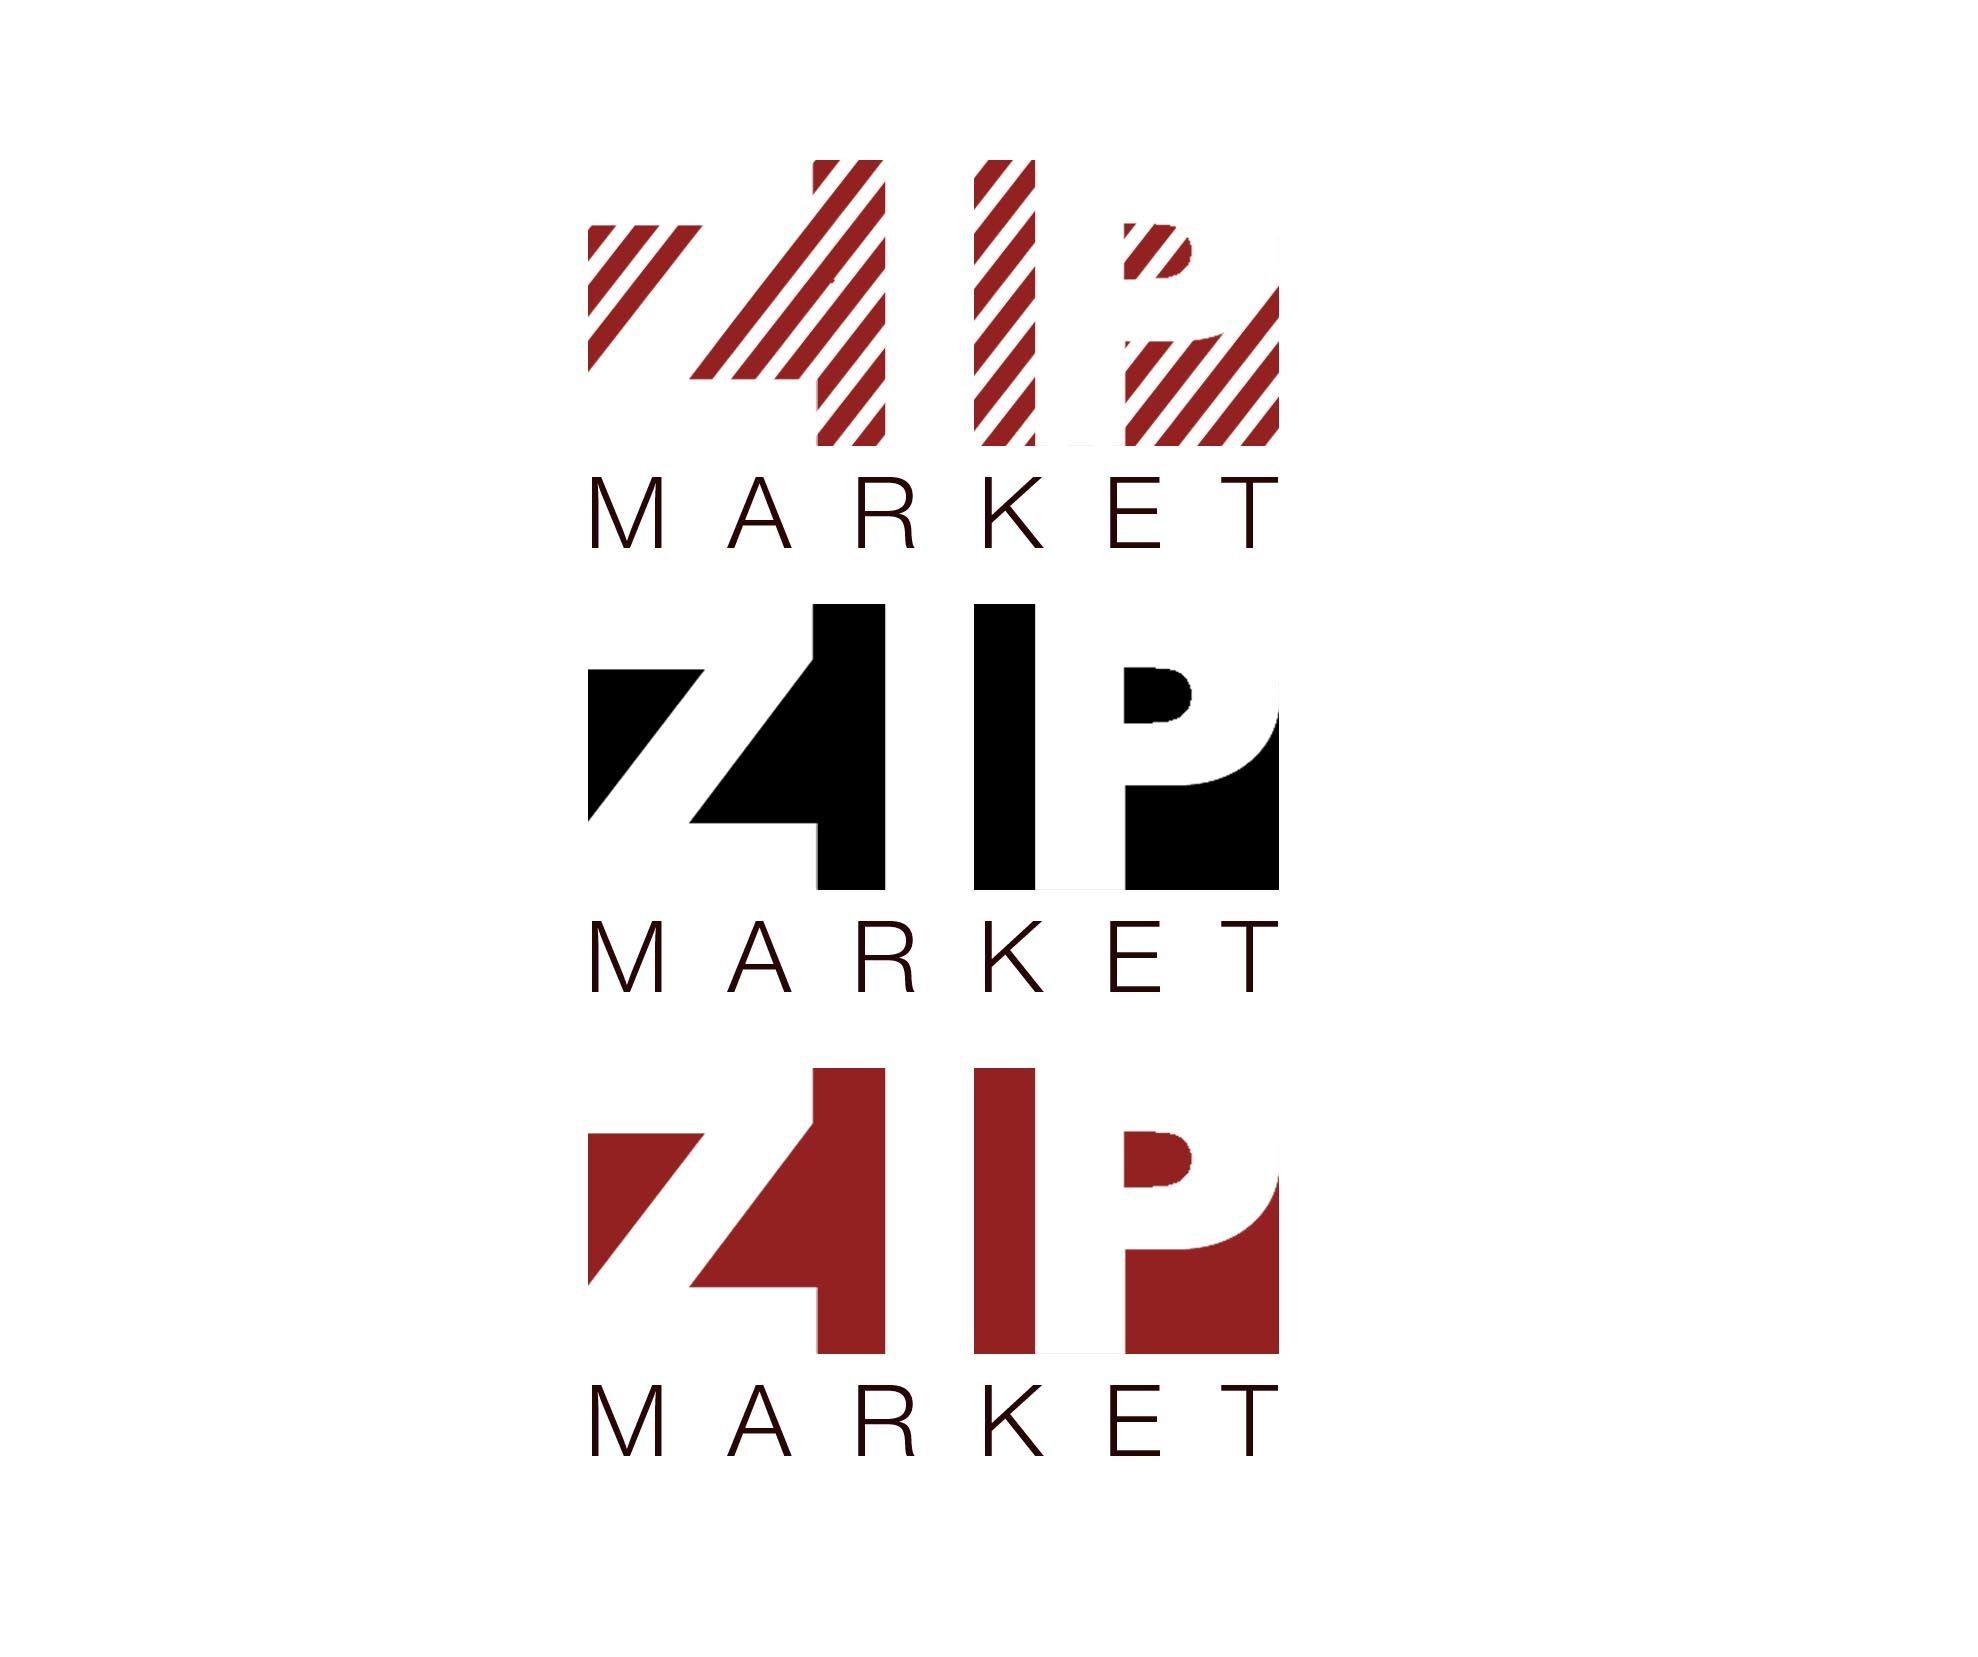 Логотип и ФС для ZIP Market - дизайнер StefanyT